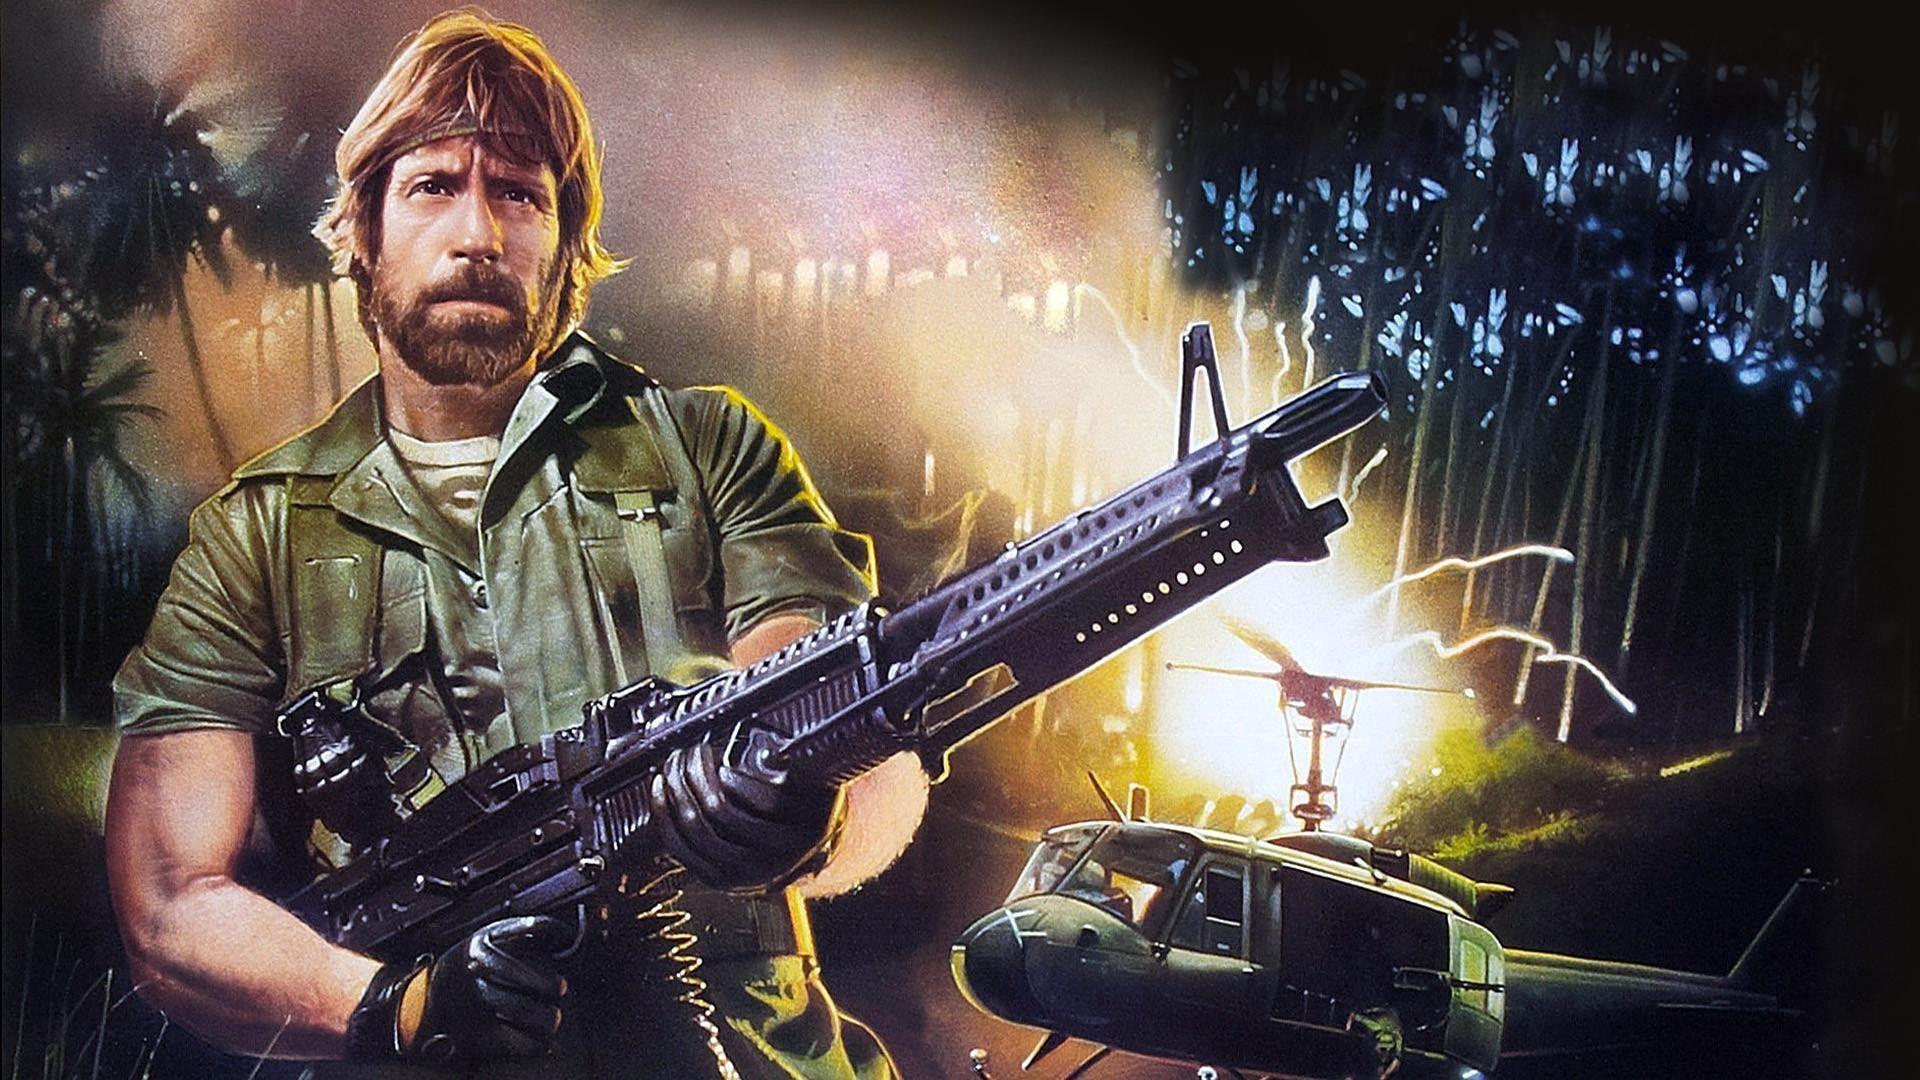 Legenda menom Chuck Norris dnes oslavuje svoje okrúhle jubileum! To už má toľko!?